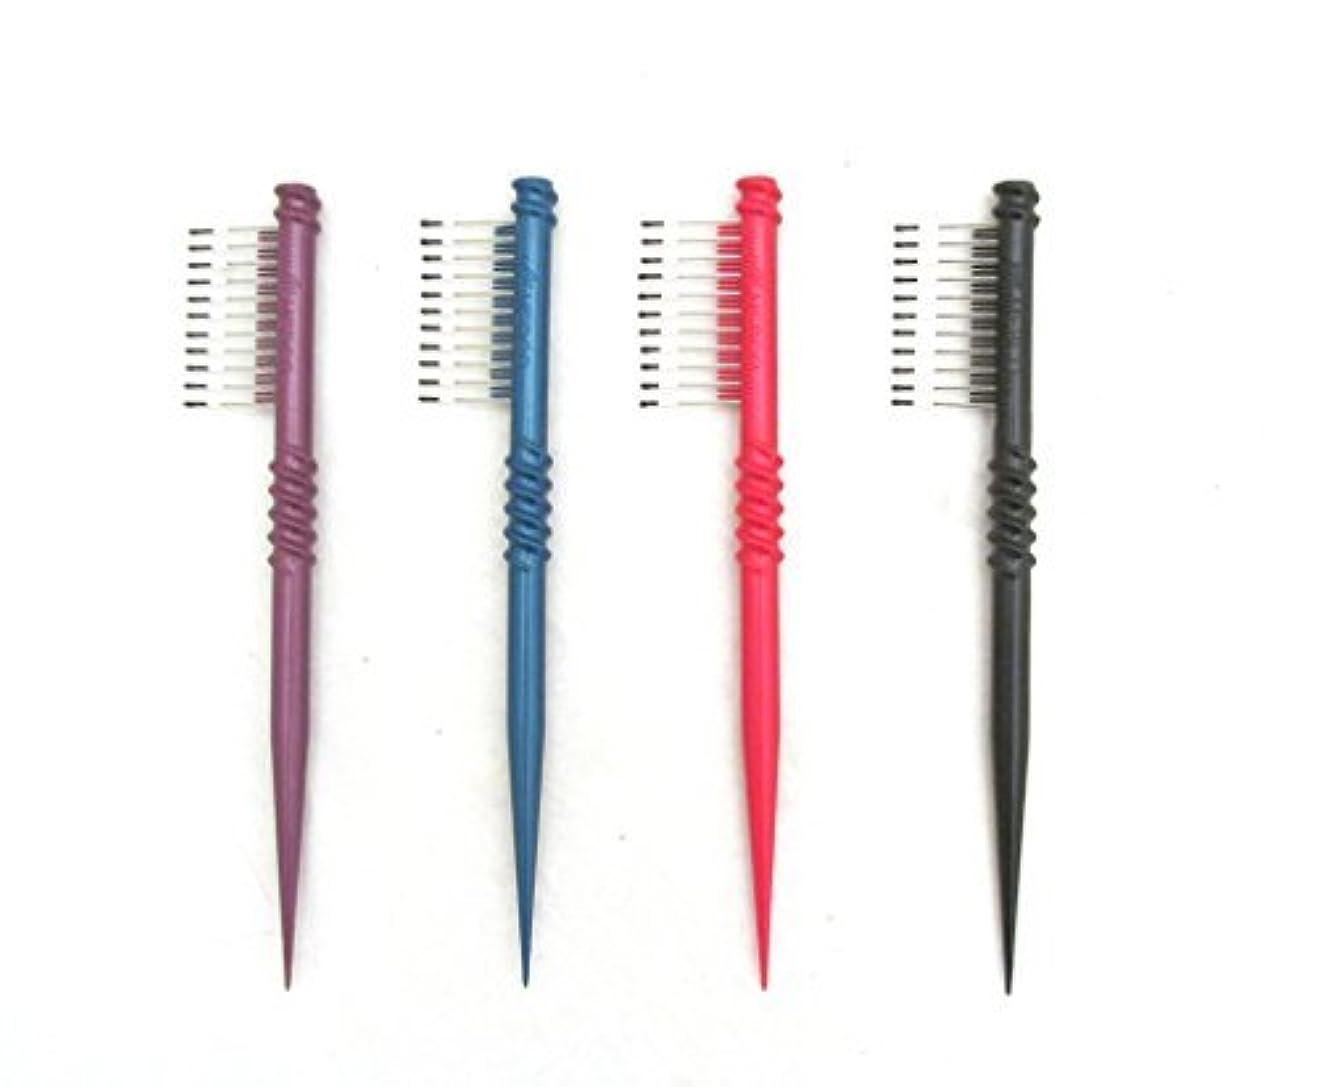 心のこもった独立栄光MEBCO 8  Touch-Up Comb (Model: TH1) - Get all 4 colors, Detangler, hair brush, hair comb, pick, pik, pulls out...